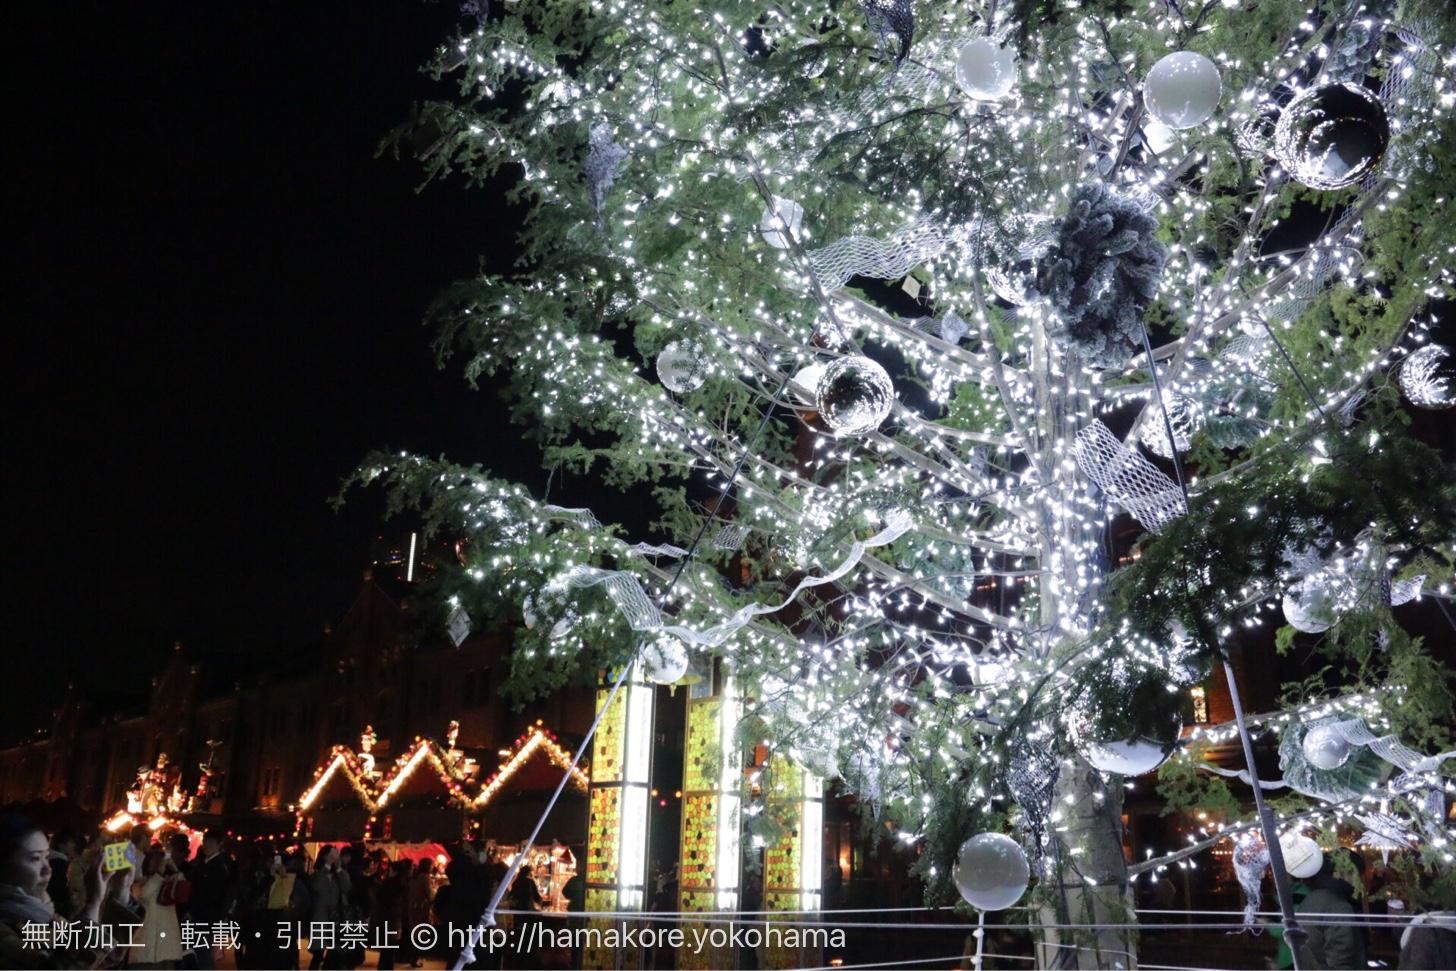 クリスマスマーケット クリスマスツリー